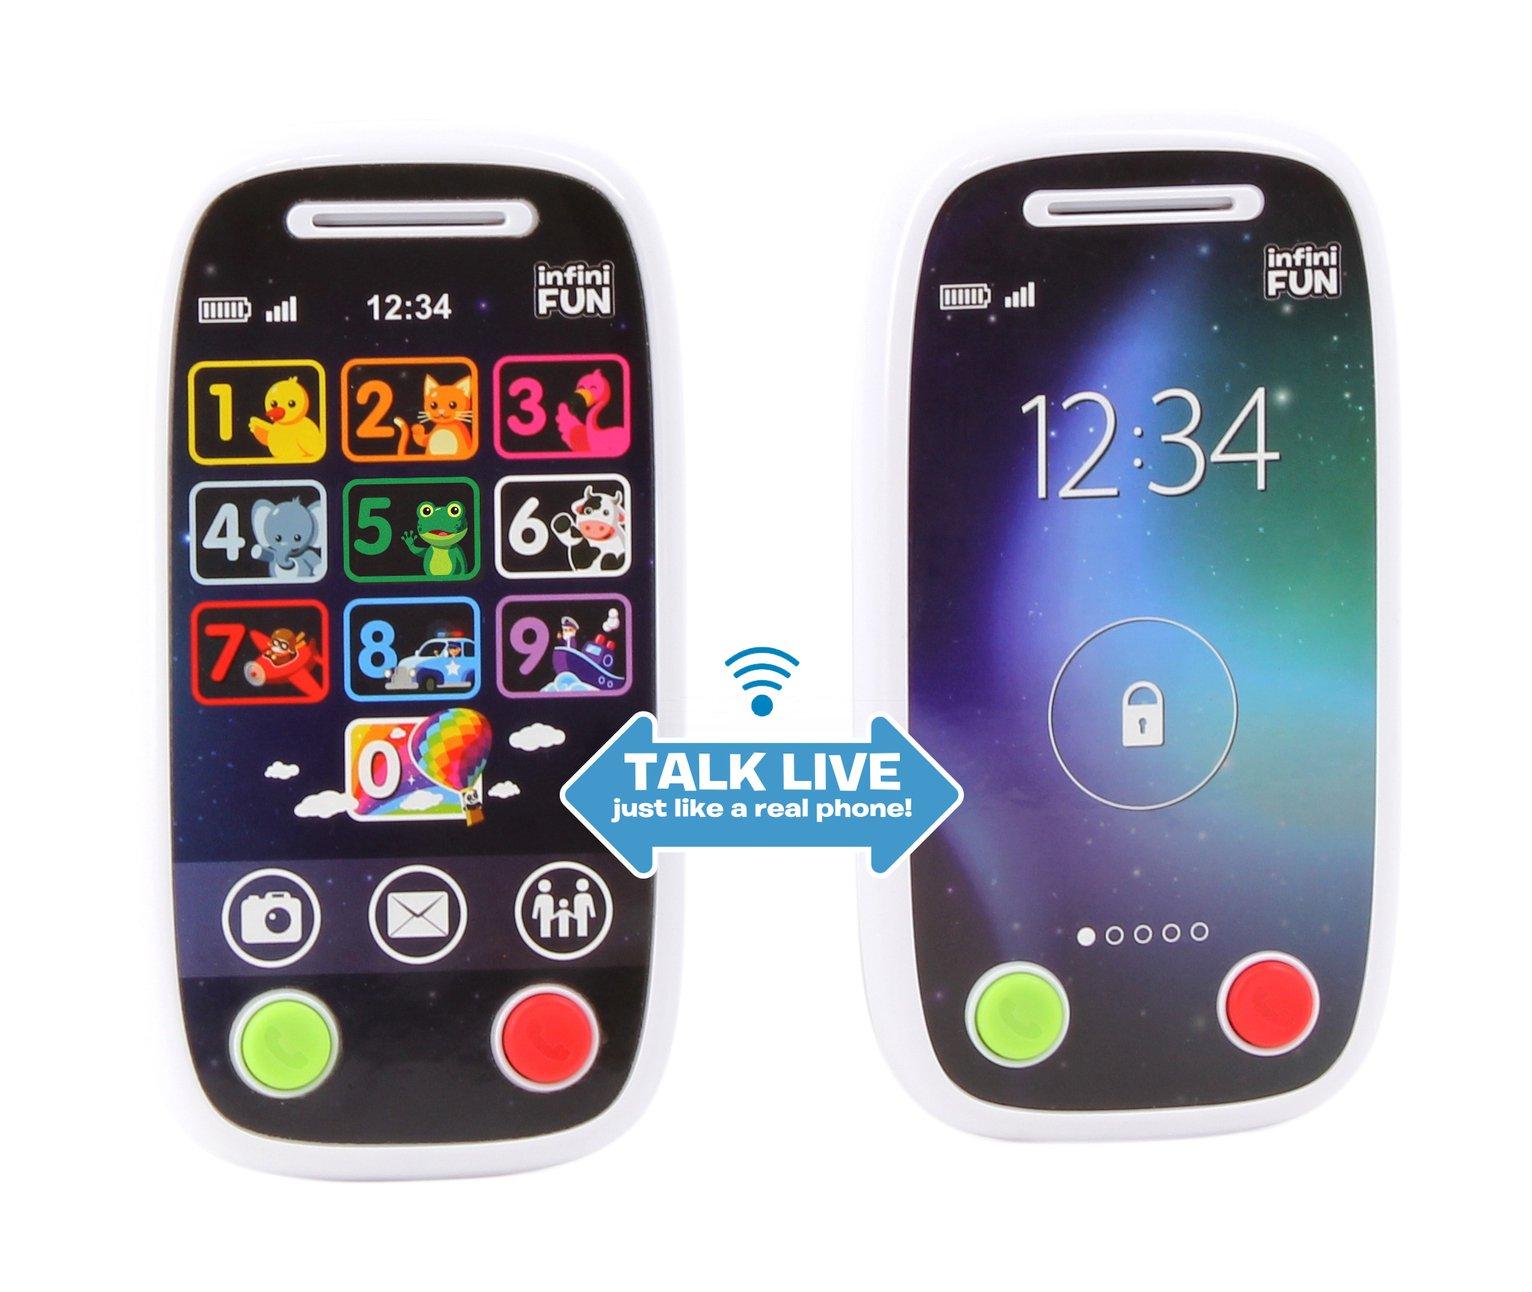 Infinifun Walkie Talkie Phone